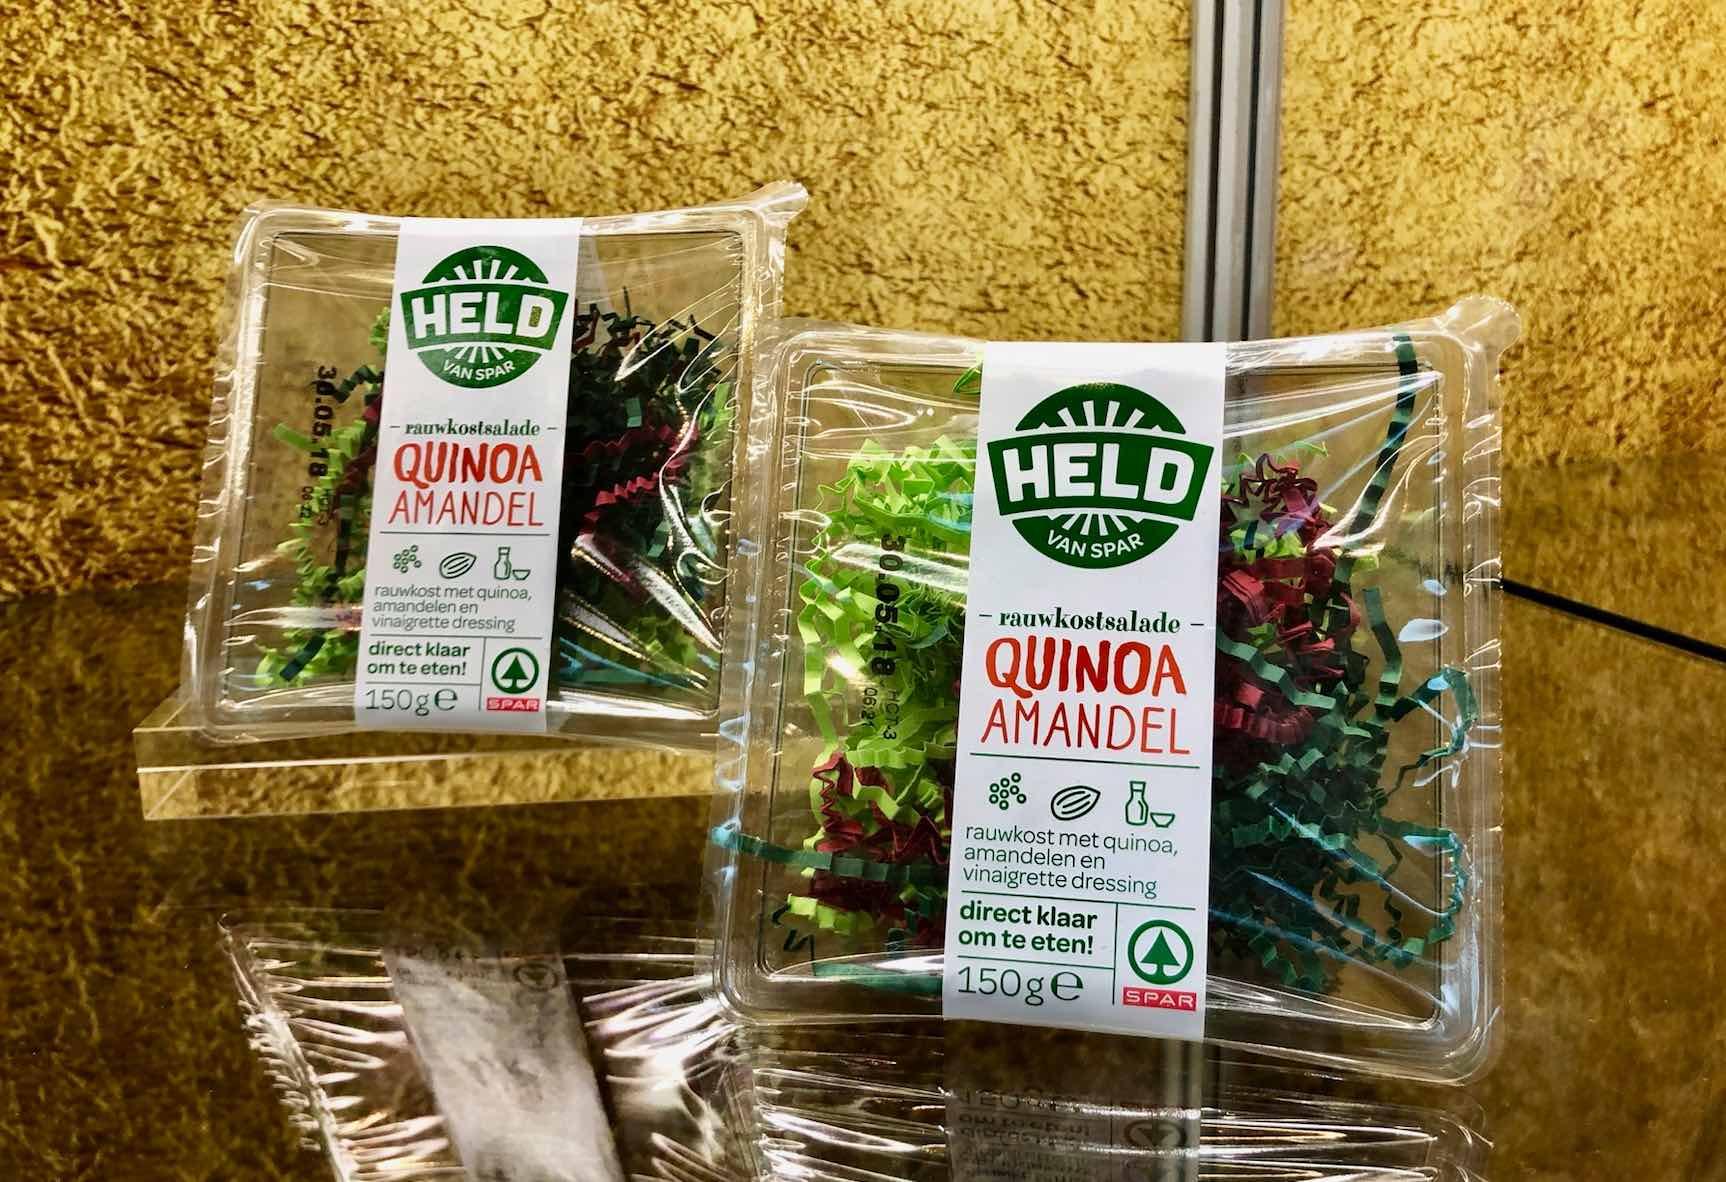 Quinoa-spar-plma-2018-fm